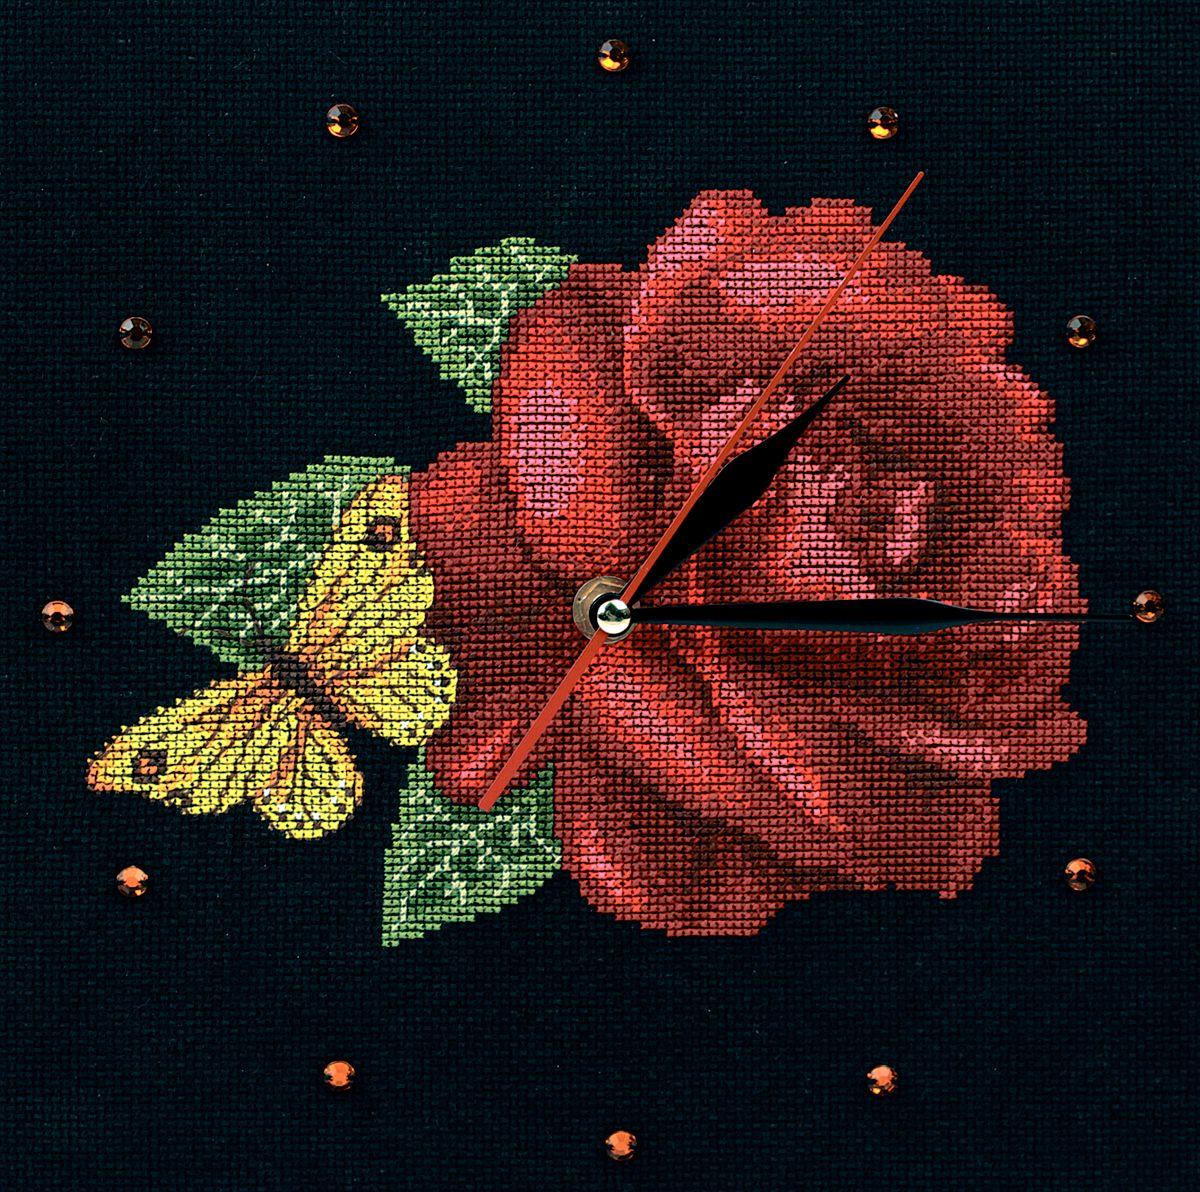 Набор для вышивания RTO Время для роз, 25 см х 25 см. M40008M40008Мулине на карте, разобранное по цветам, канва, символьная схема, игла, инструкция, часовой механизм со стрелками